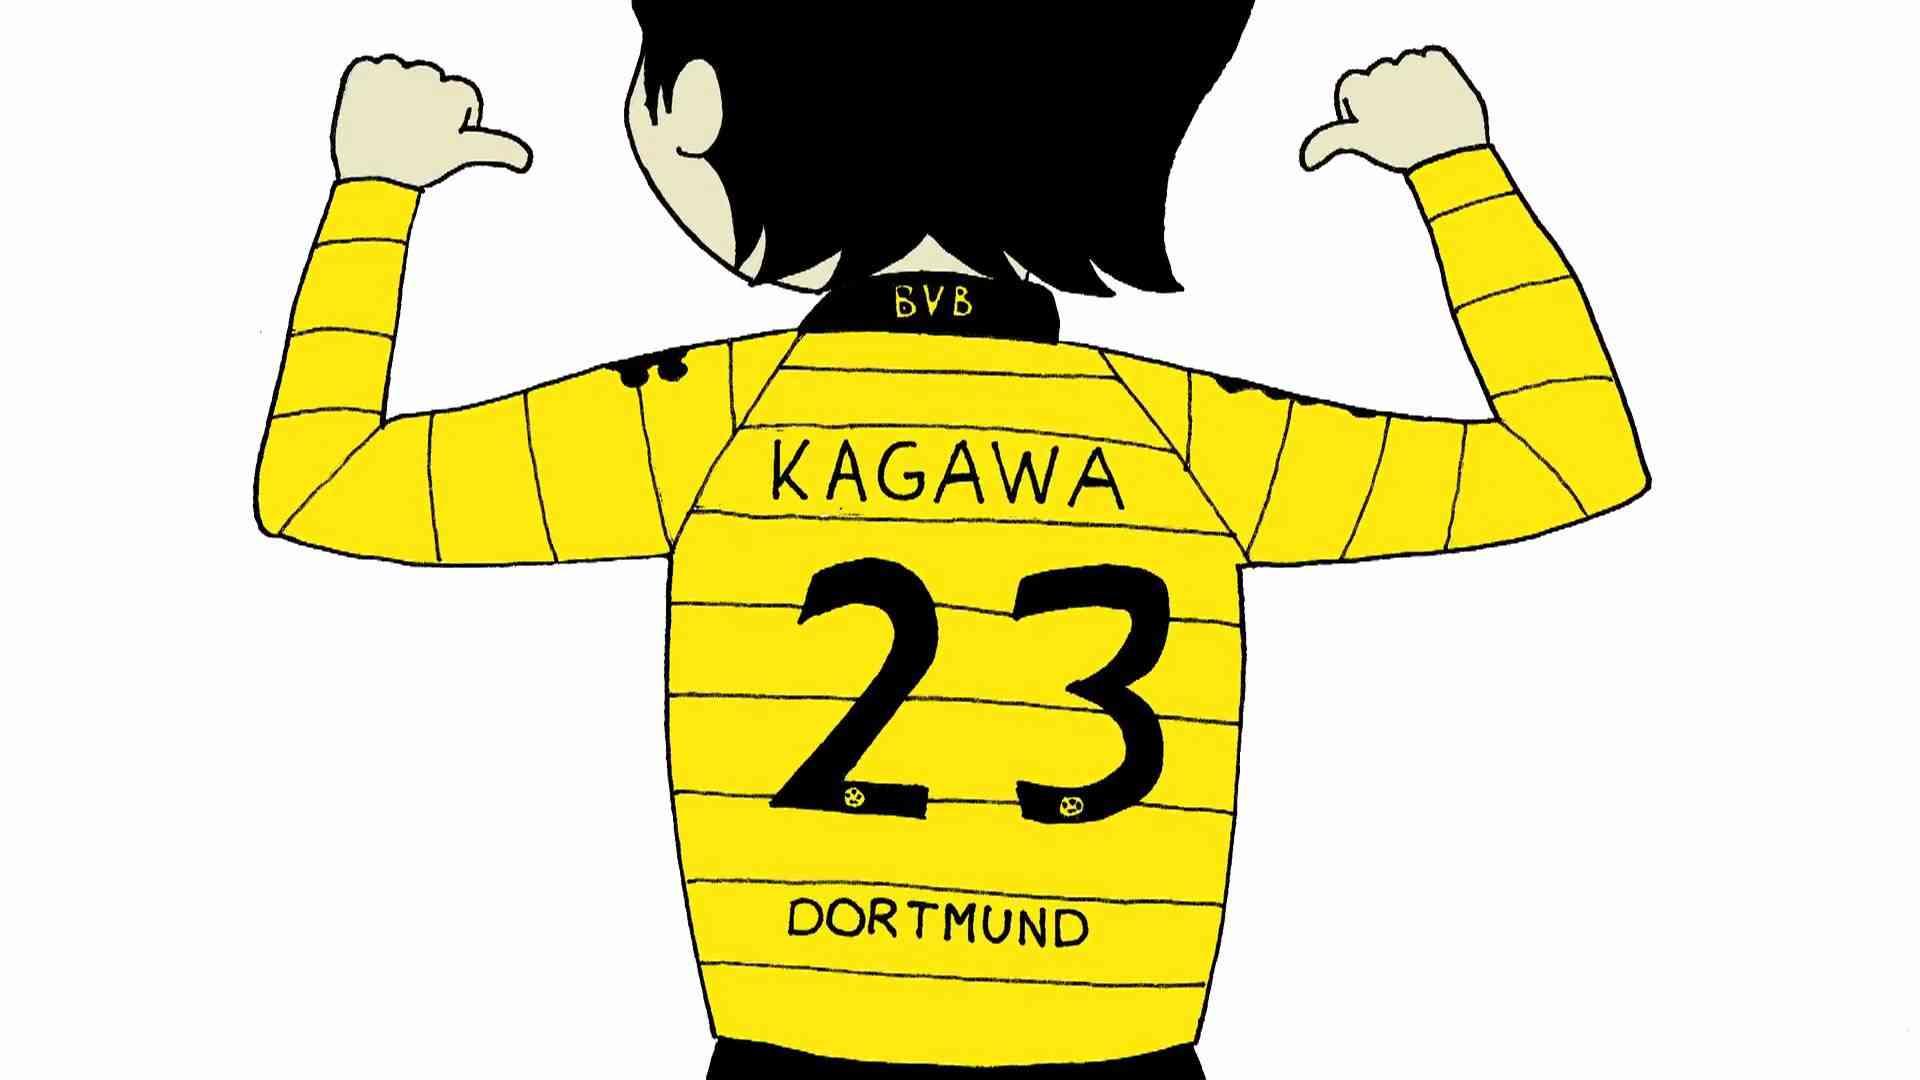 Kagawa Superstar - Der BVB Song zur Meisterschaft 2011 - YouTube